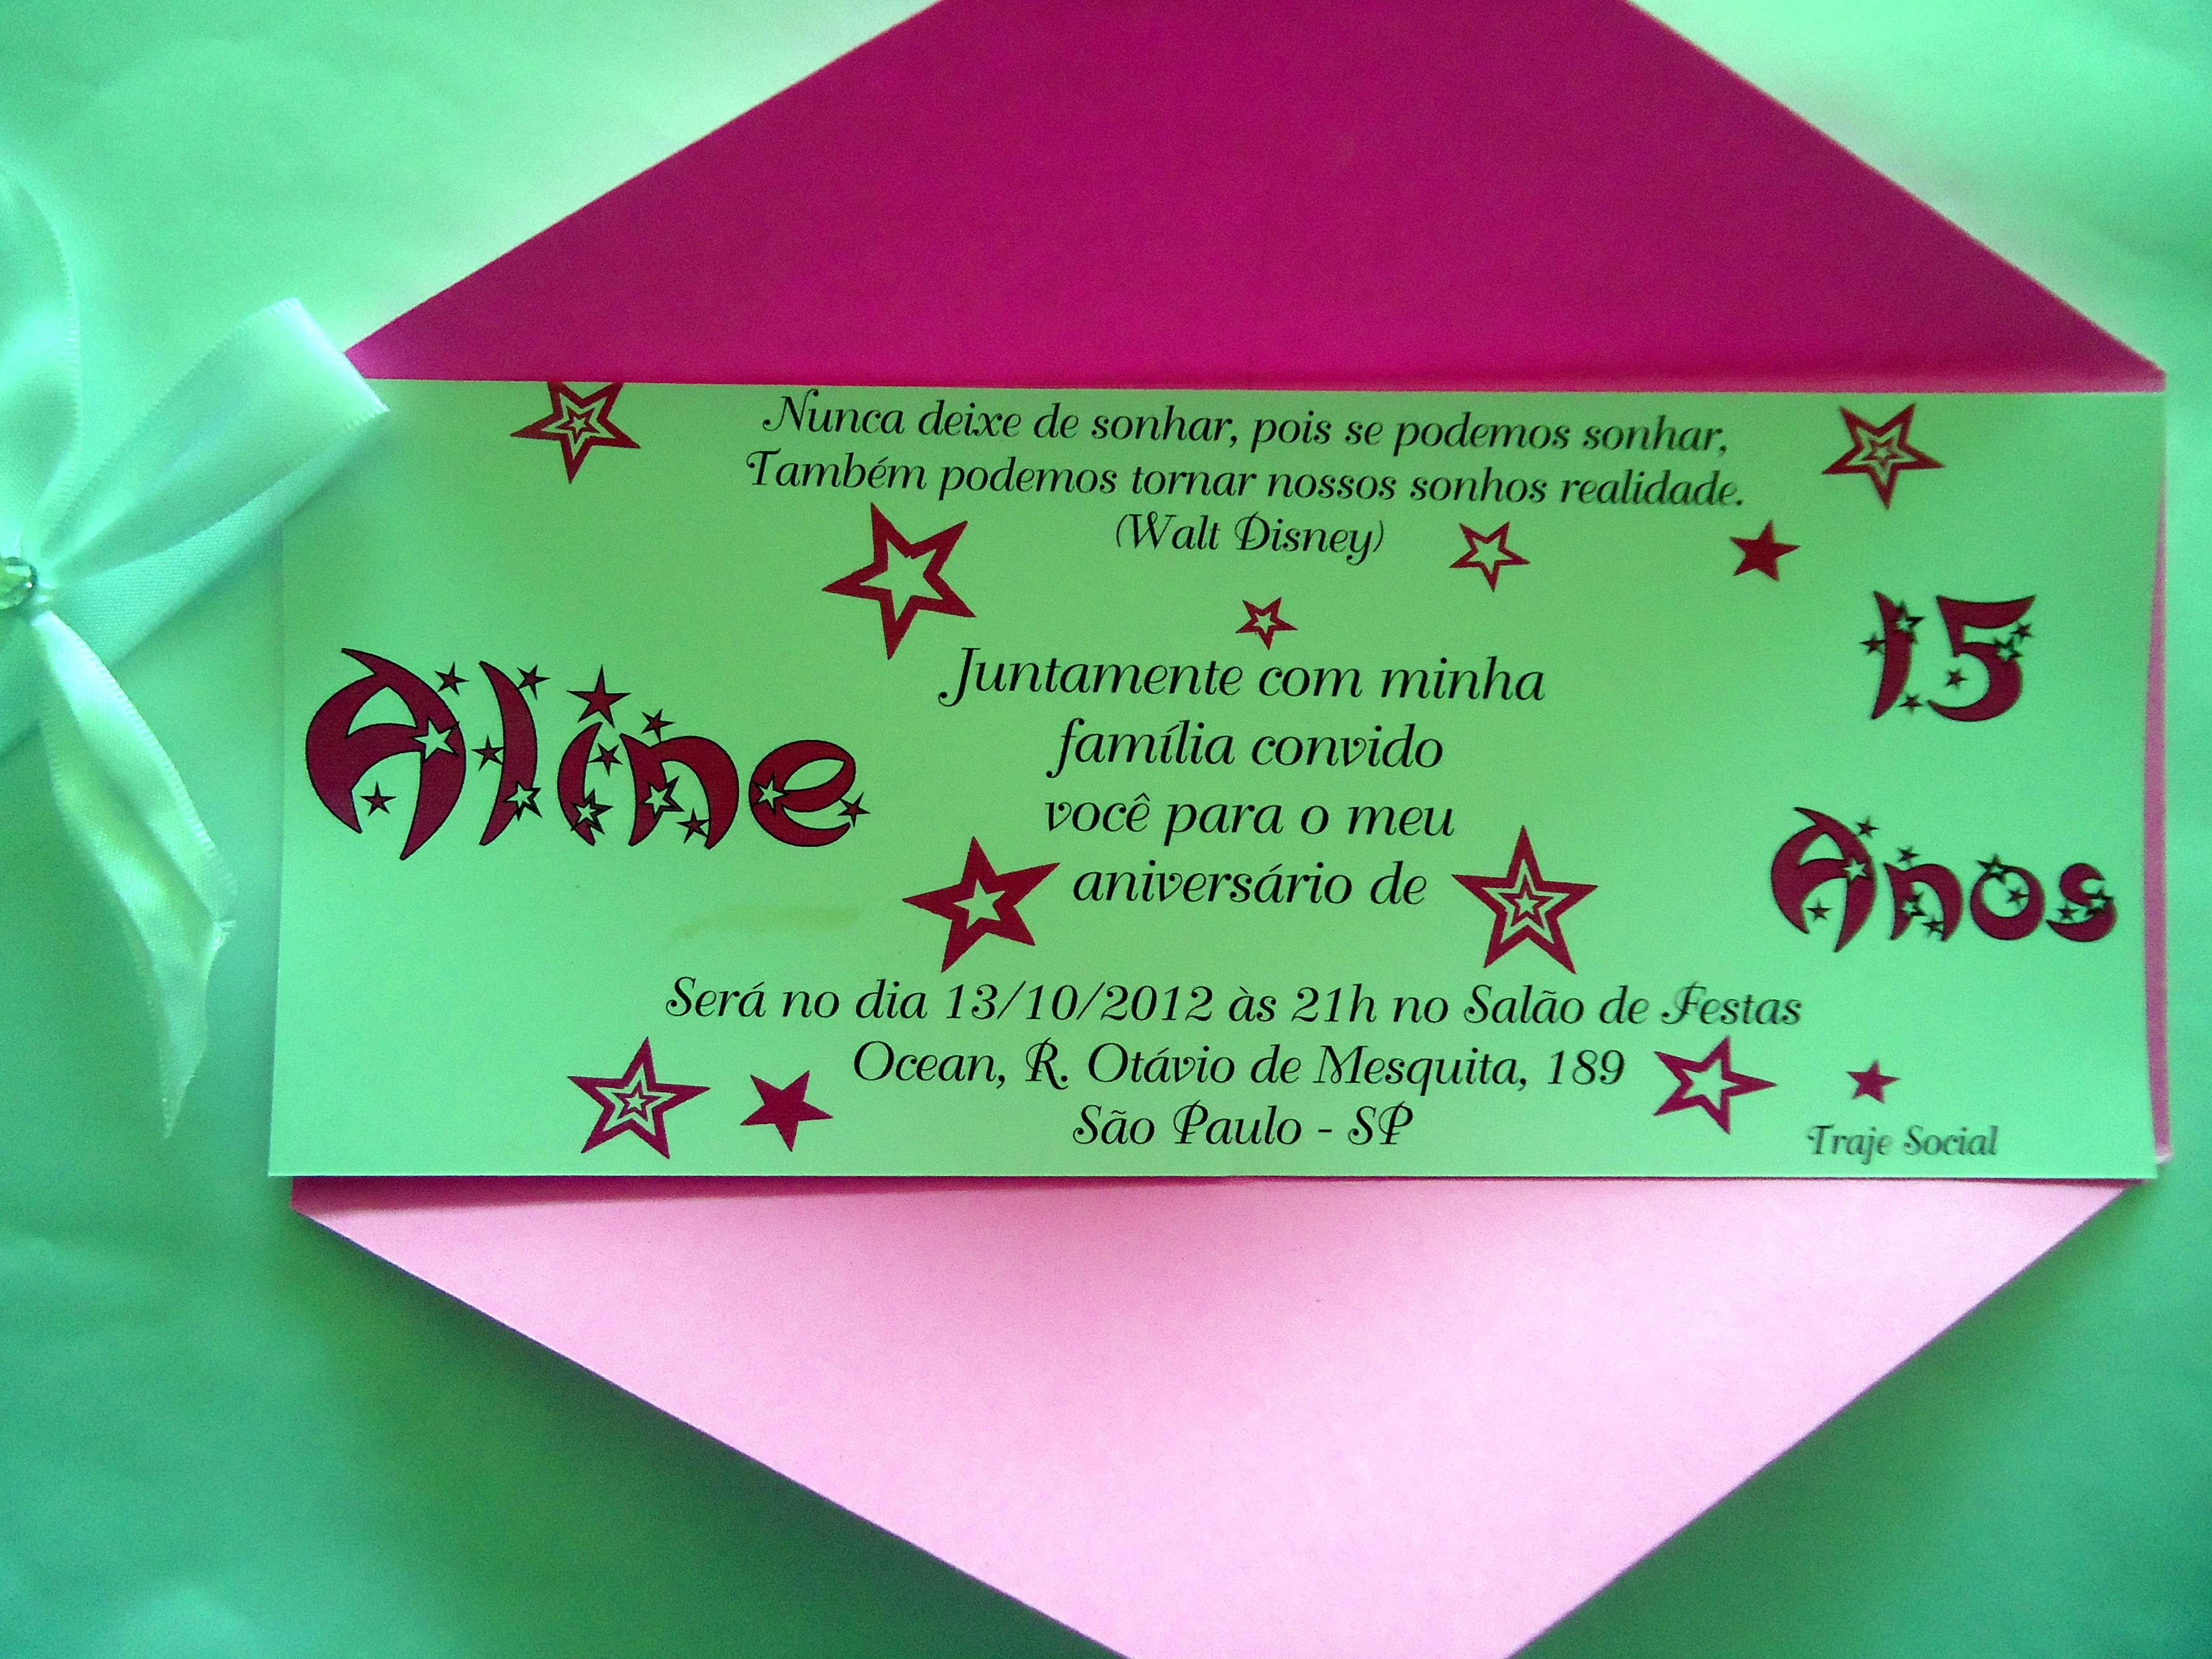 Convite De Aniversario De 15 Anos: Convite De 15 Anos/aniversário-Cód.1068